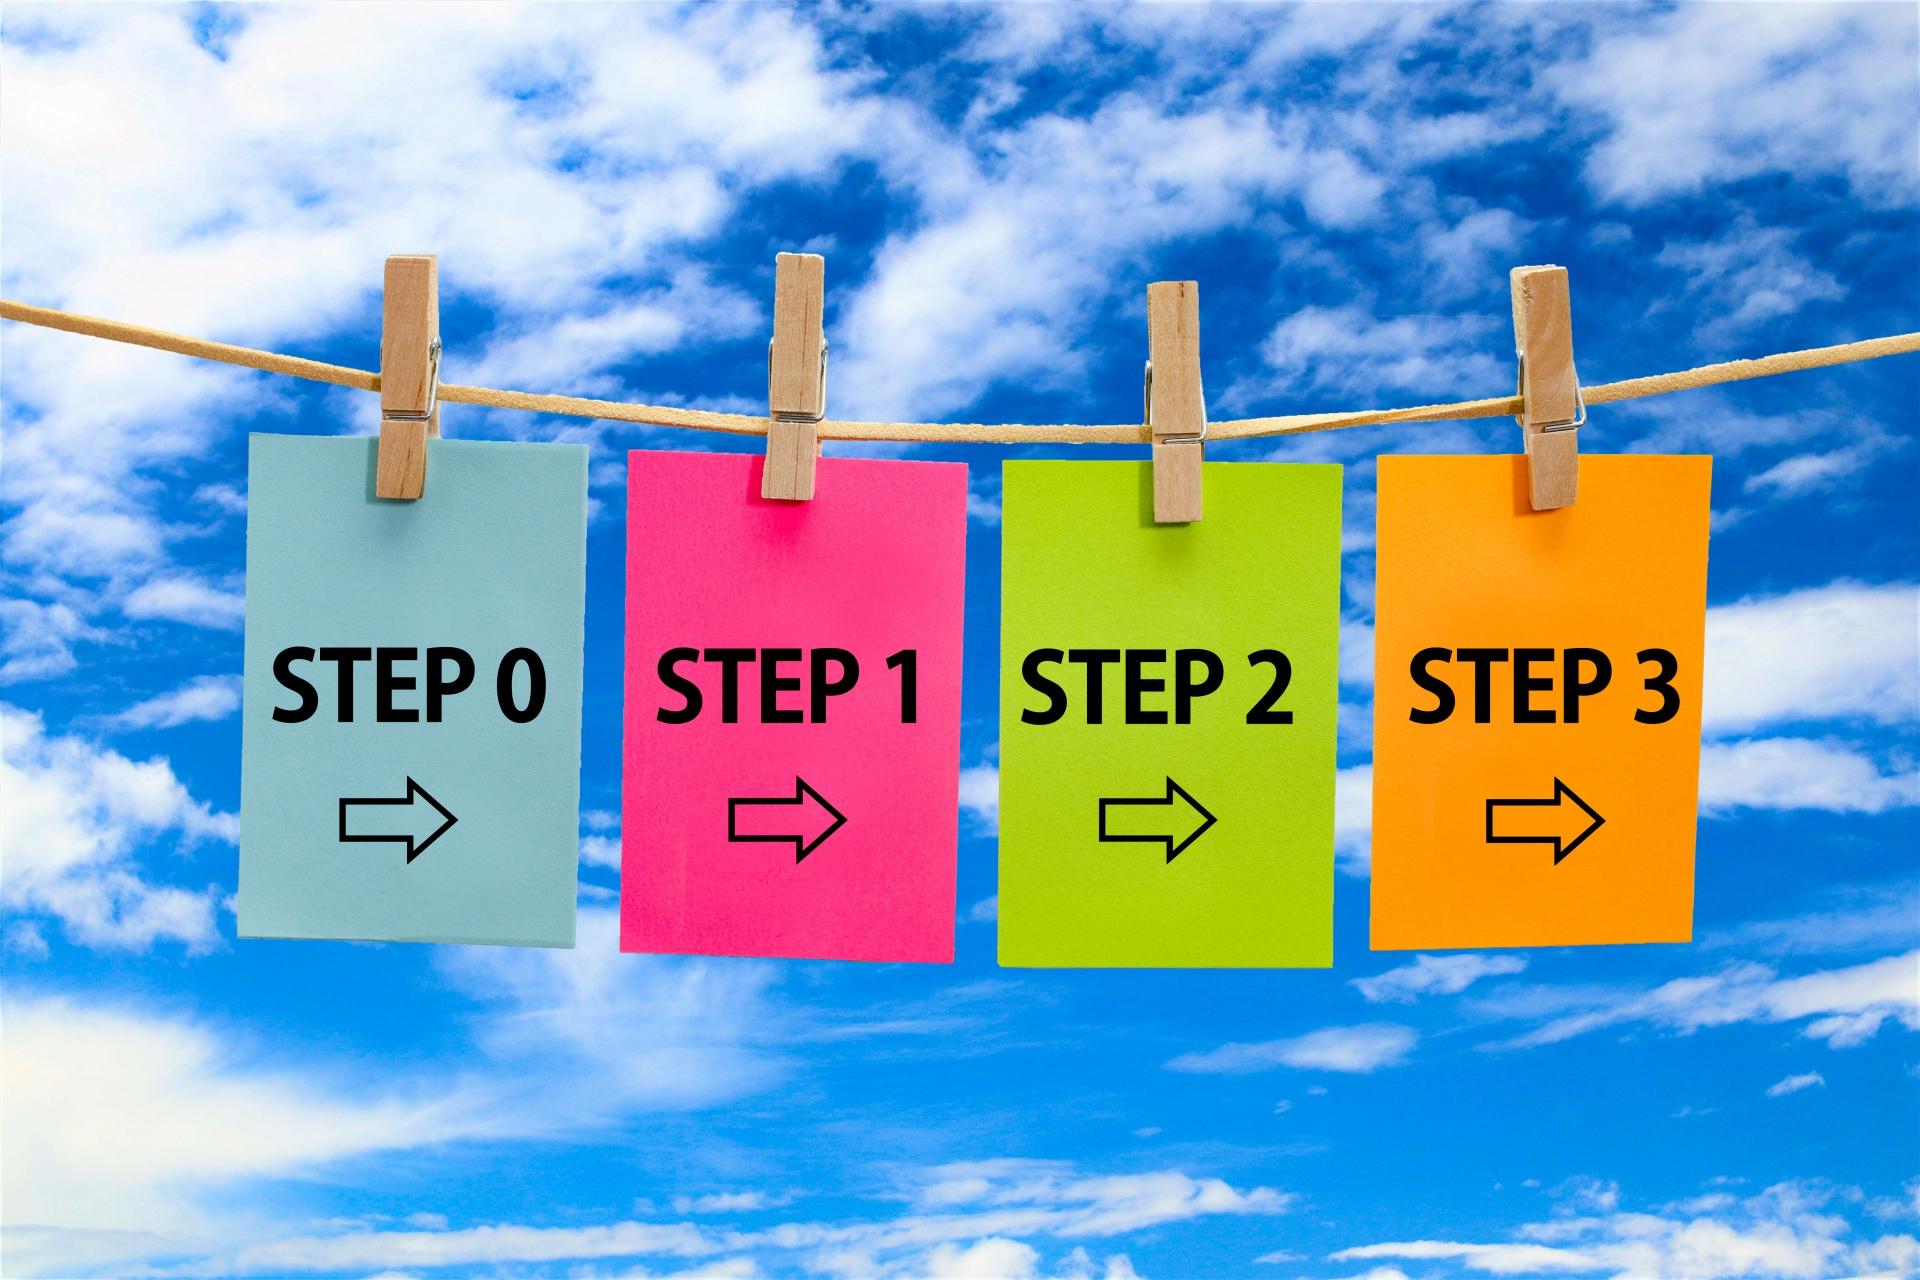 3時間で実践!営業戦略フレームワーク「4つのSTEP」_ステップ